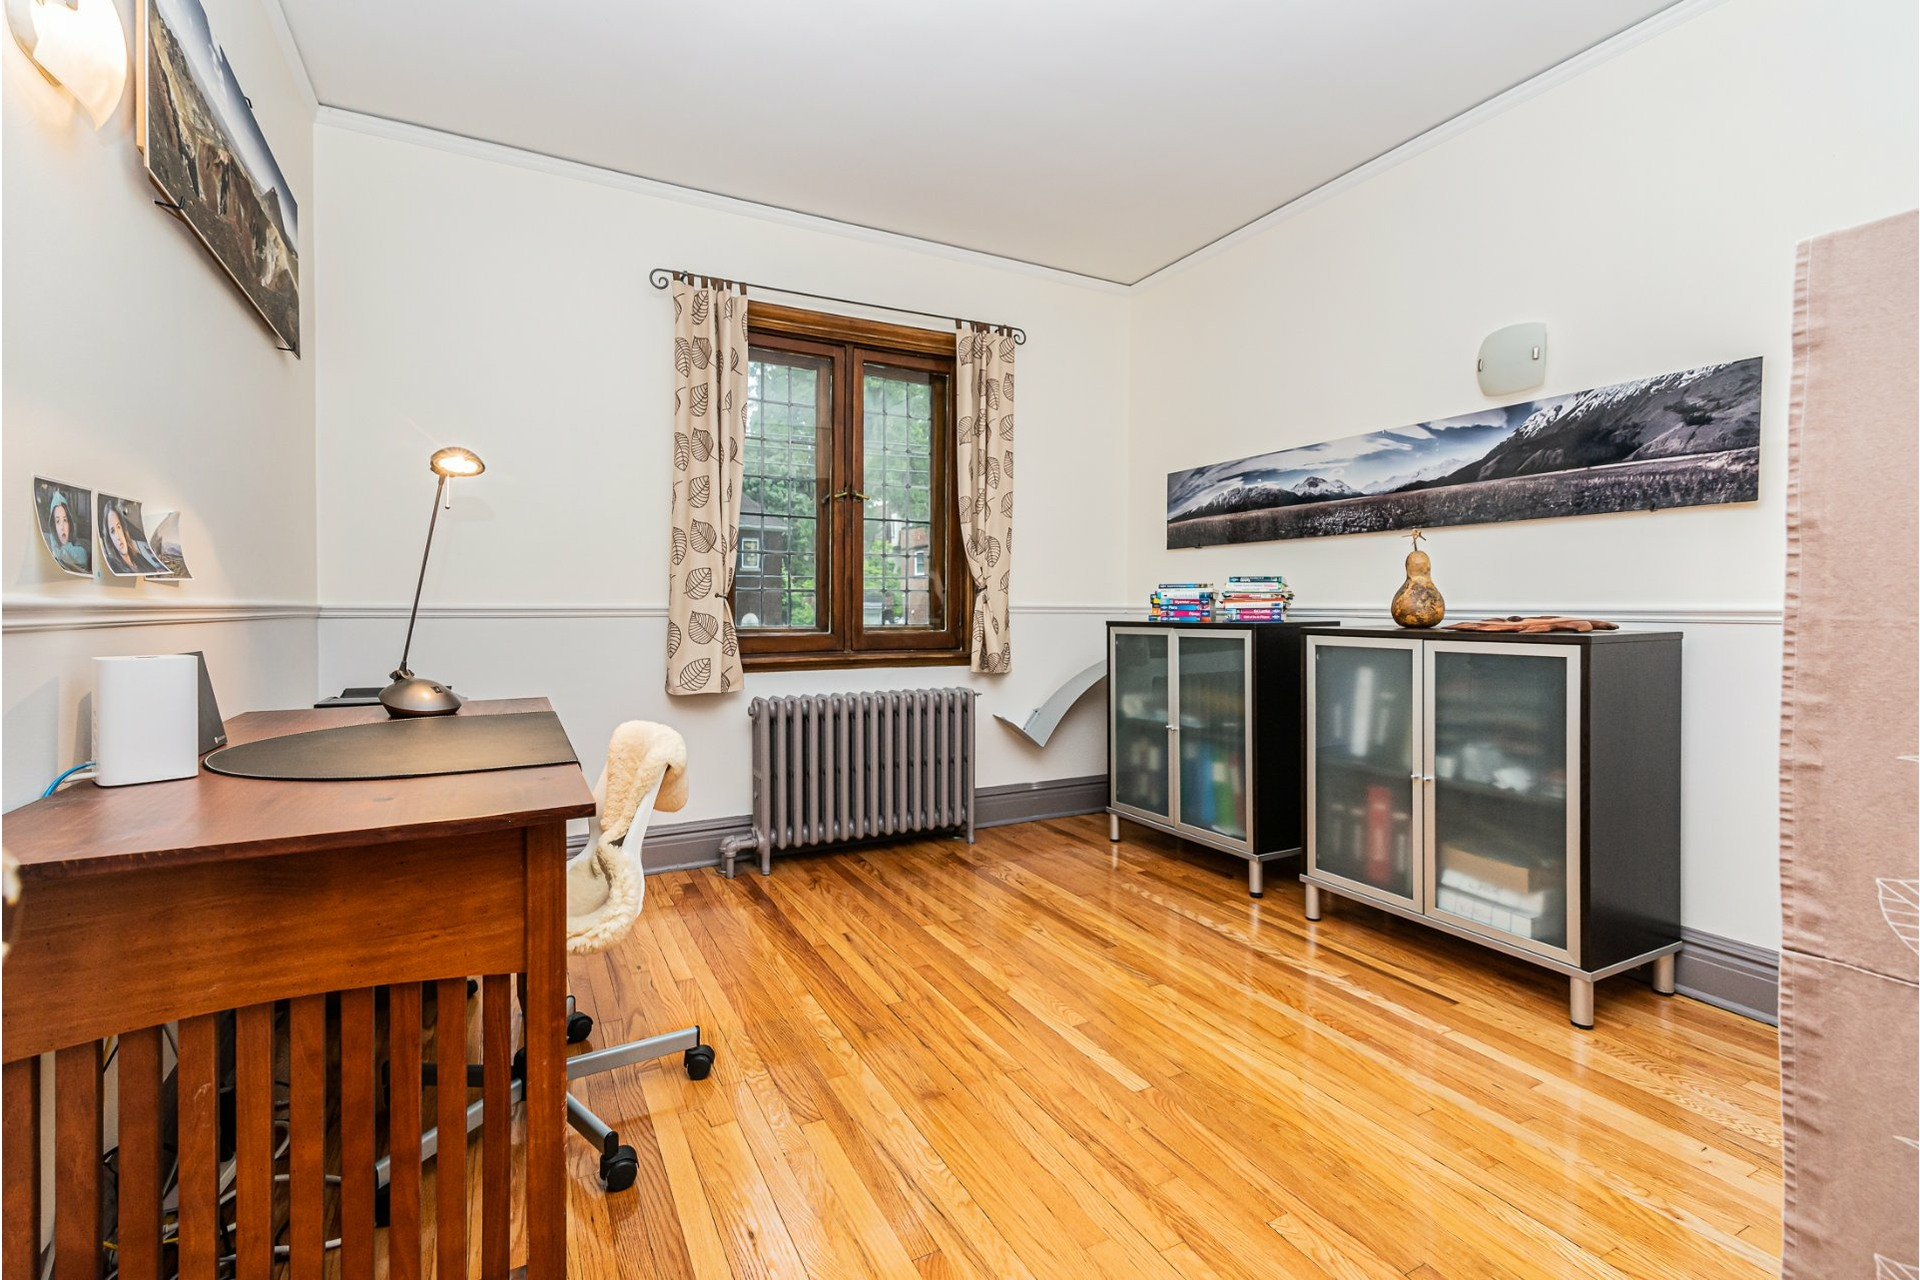 image 19 - House For rent Côte-des-Neiges/Notre-Dame-de-Grâce Montréal  - 9 rooms